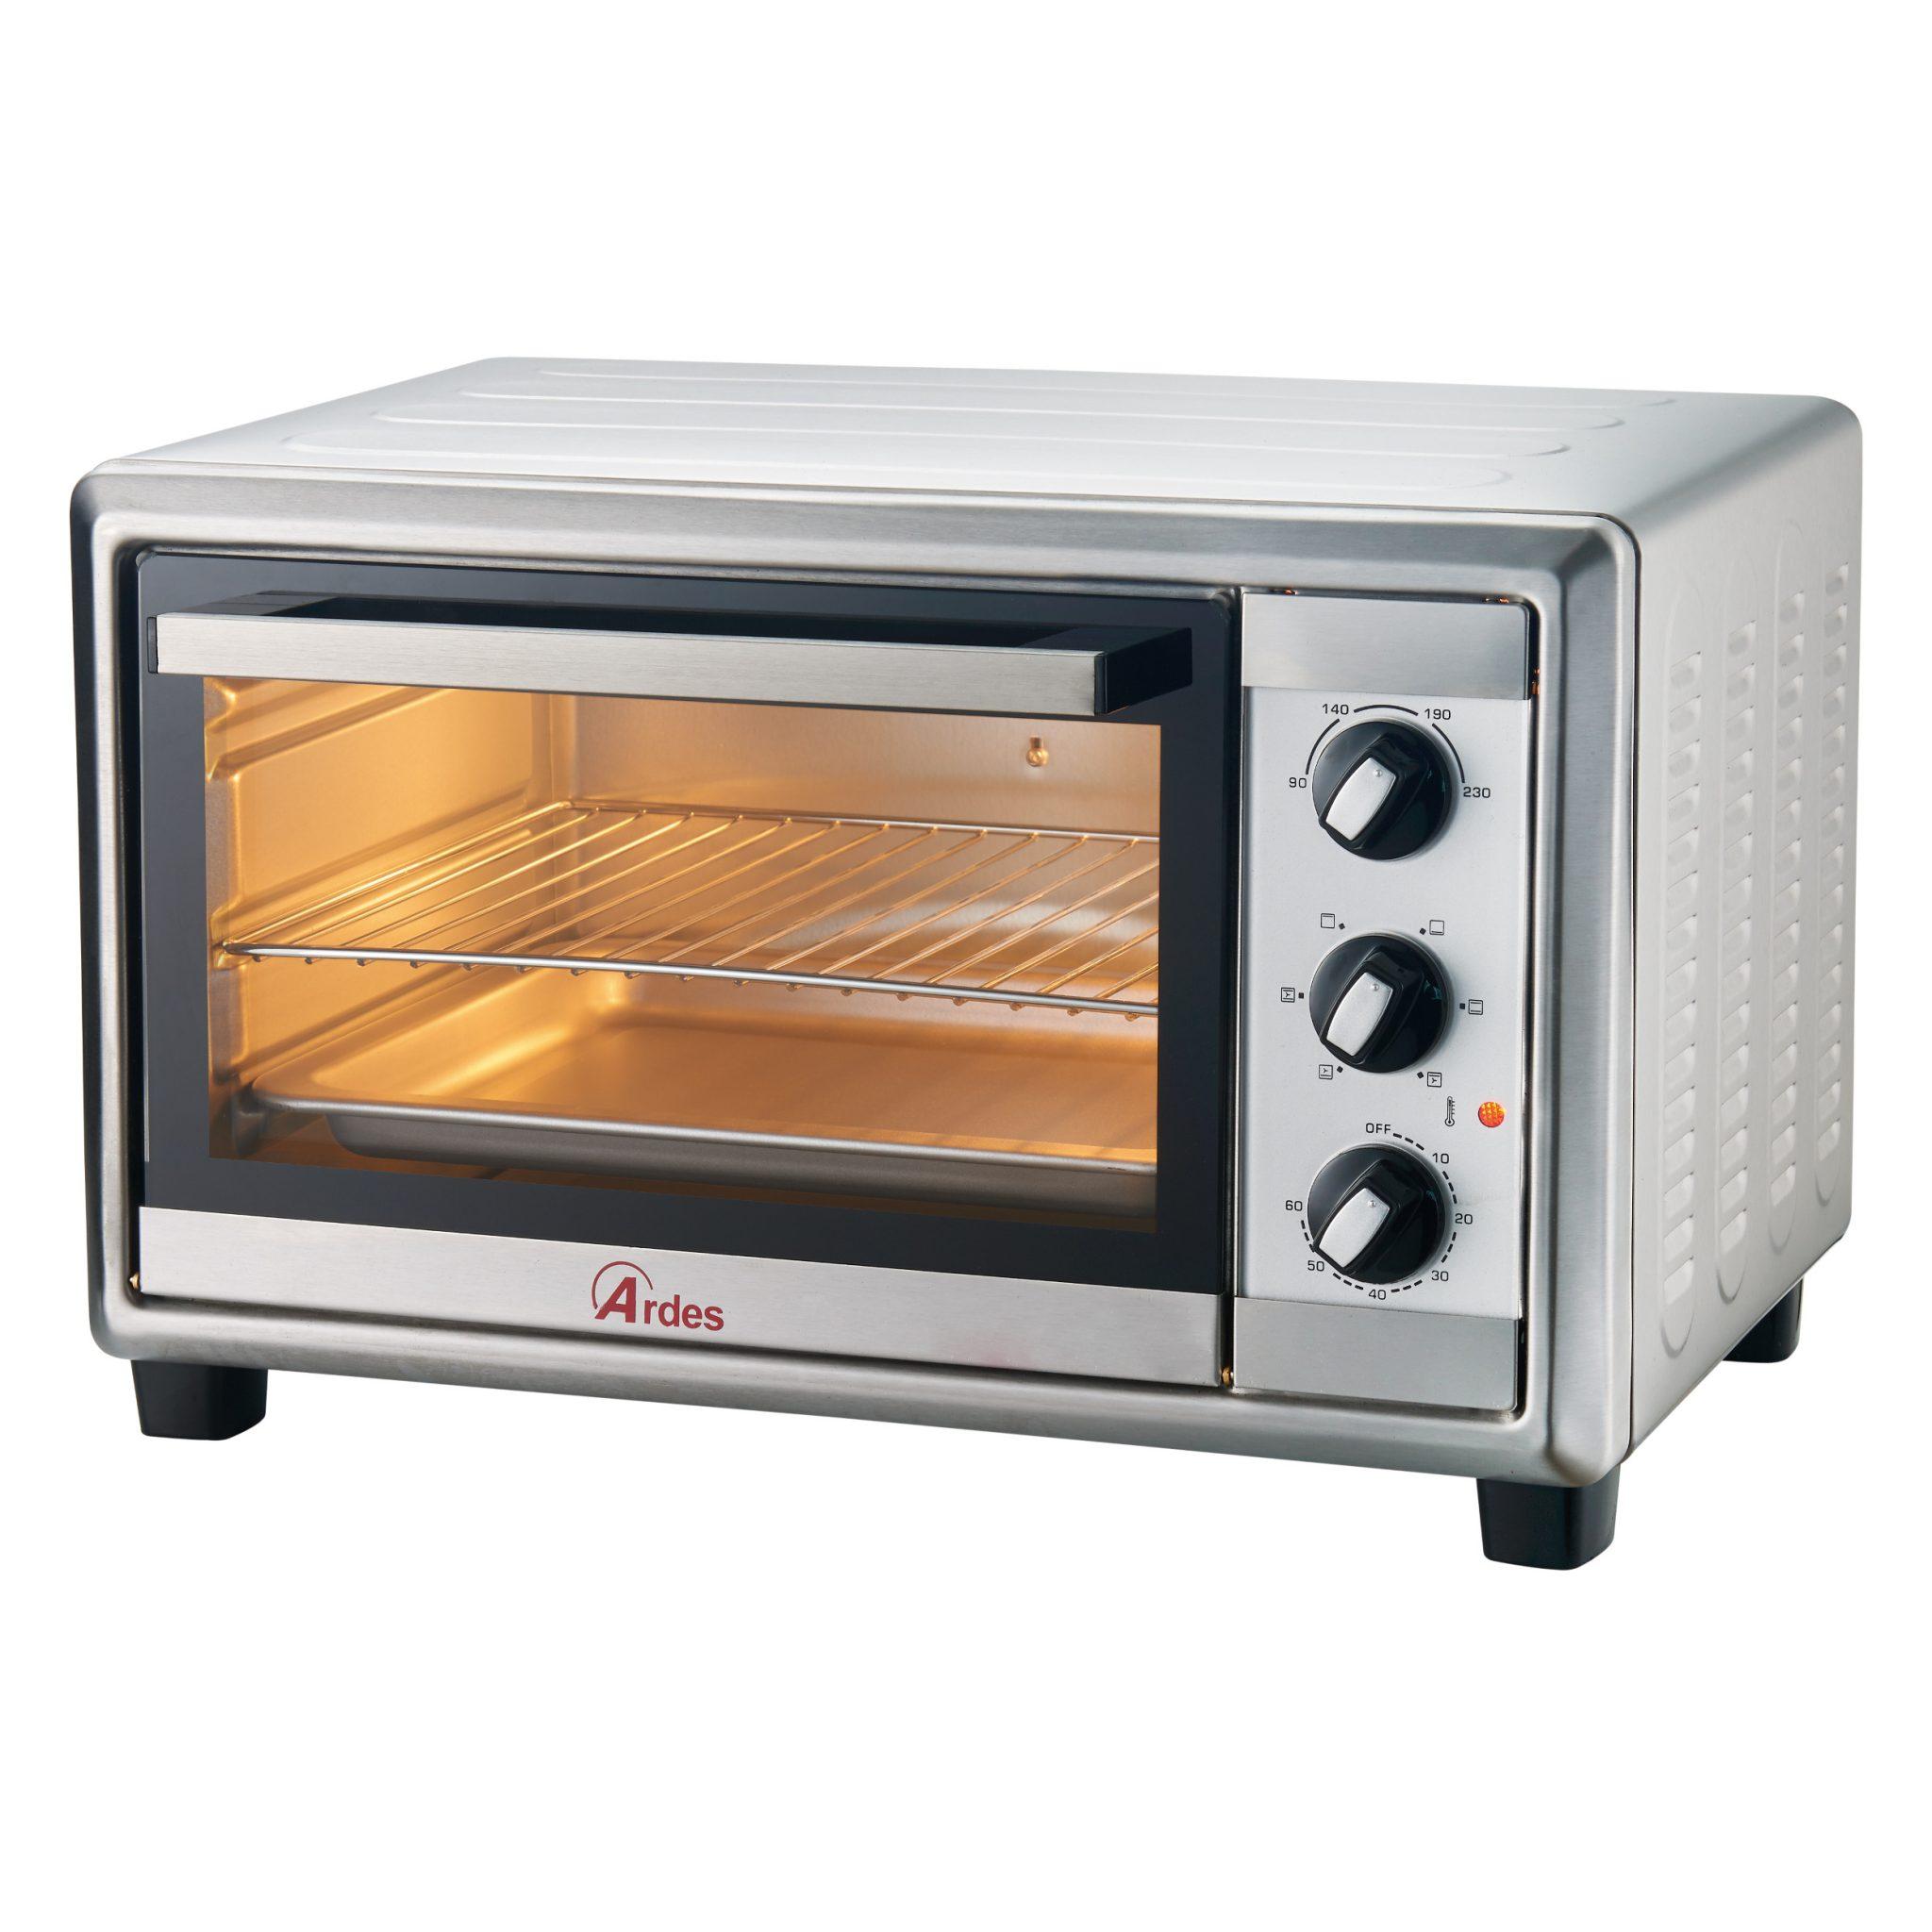 Ar6224x forno elettrico gustavo 24 l inox ardes - Forno elettrico combinato ...